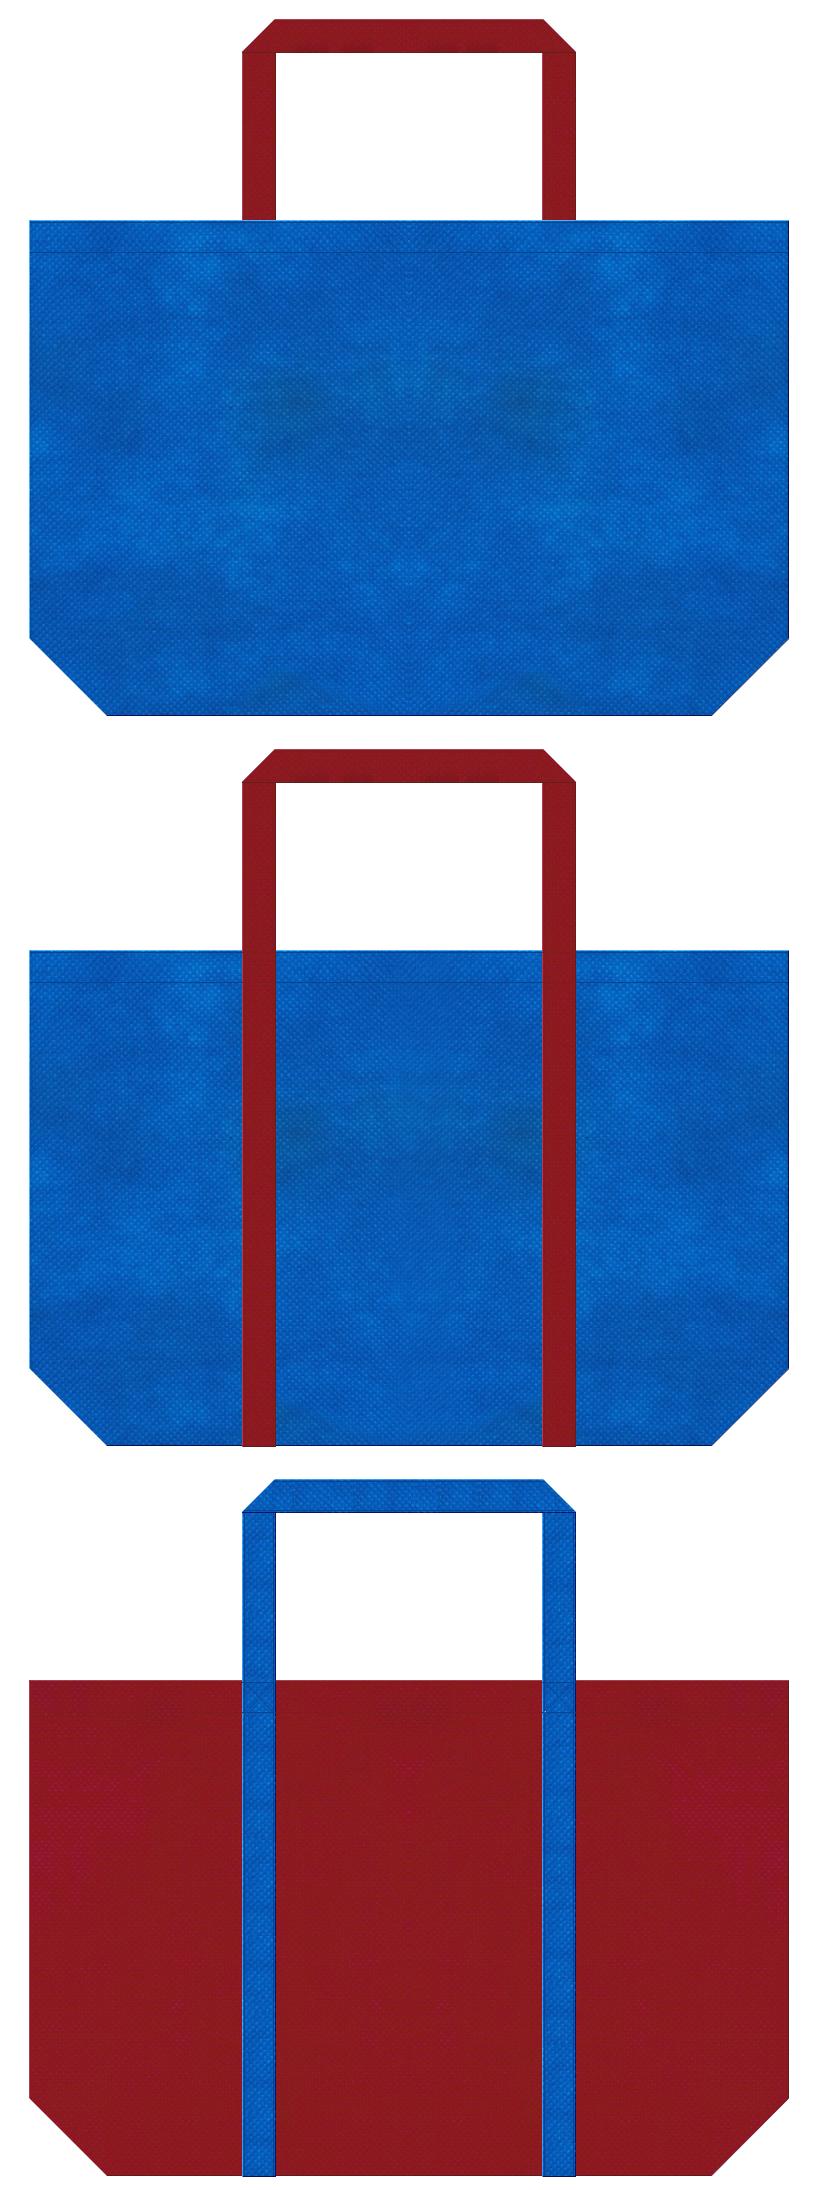 不織布トートバッグ 舟底タイプ 不織布カラーNo.22スカイブルーとNo.25ローズレッドの組み合わせ